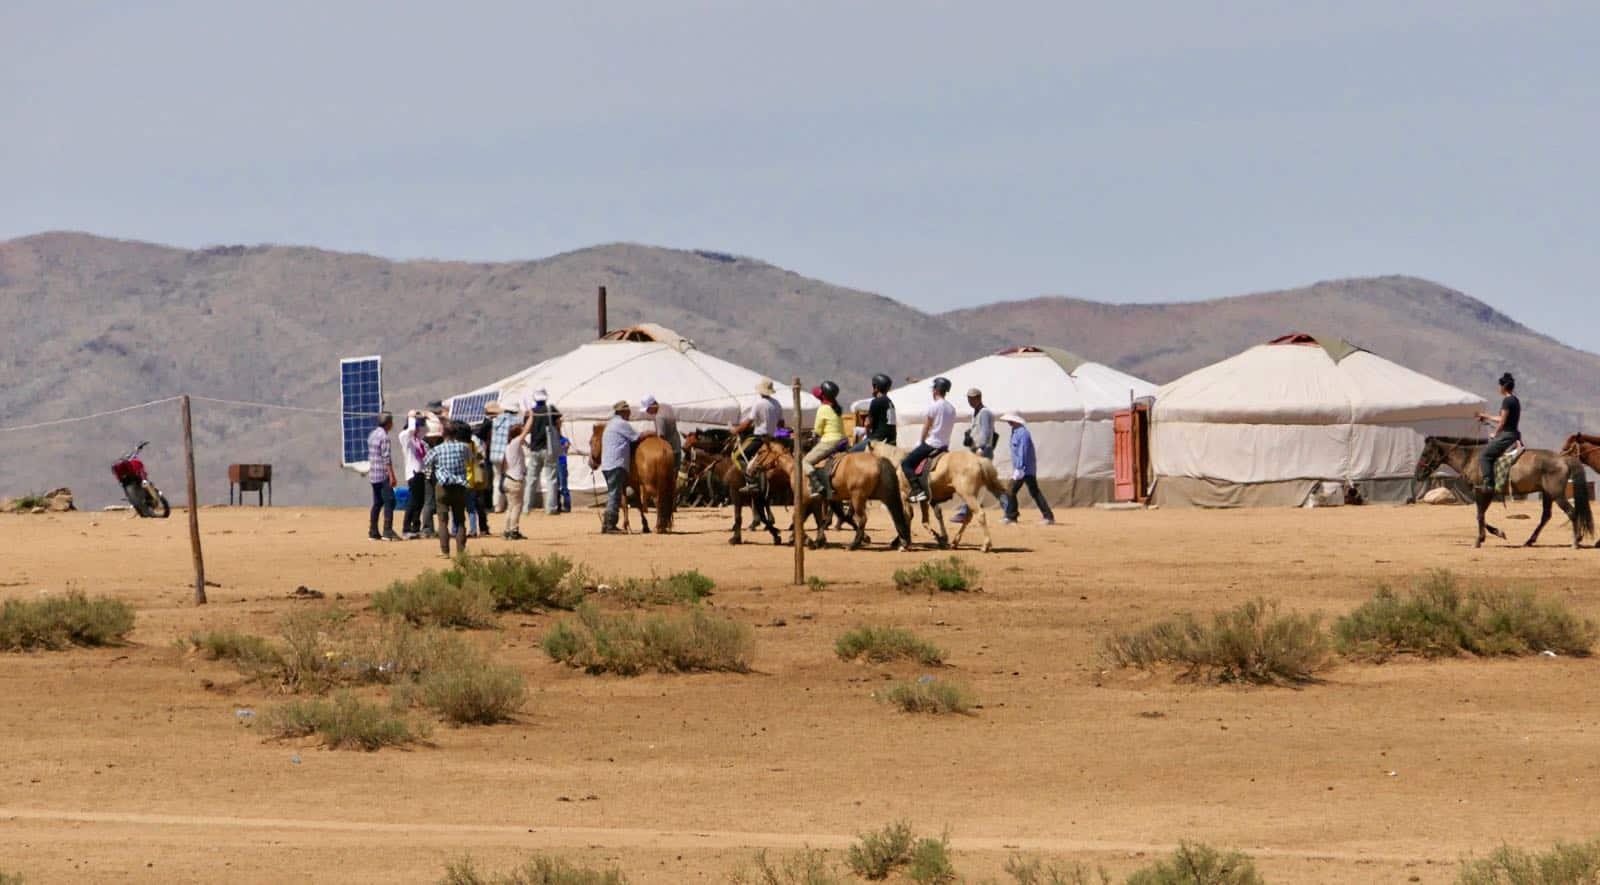 Tourists Mongolia Nomads betternotstop